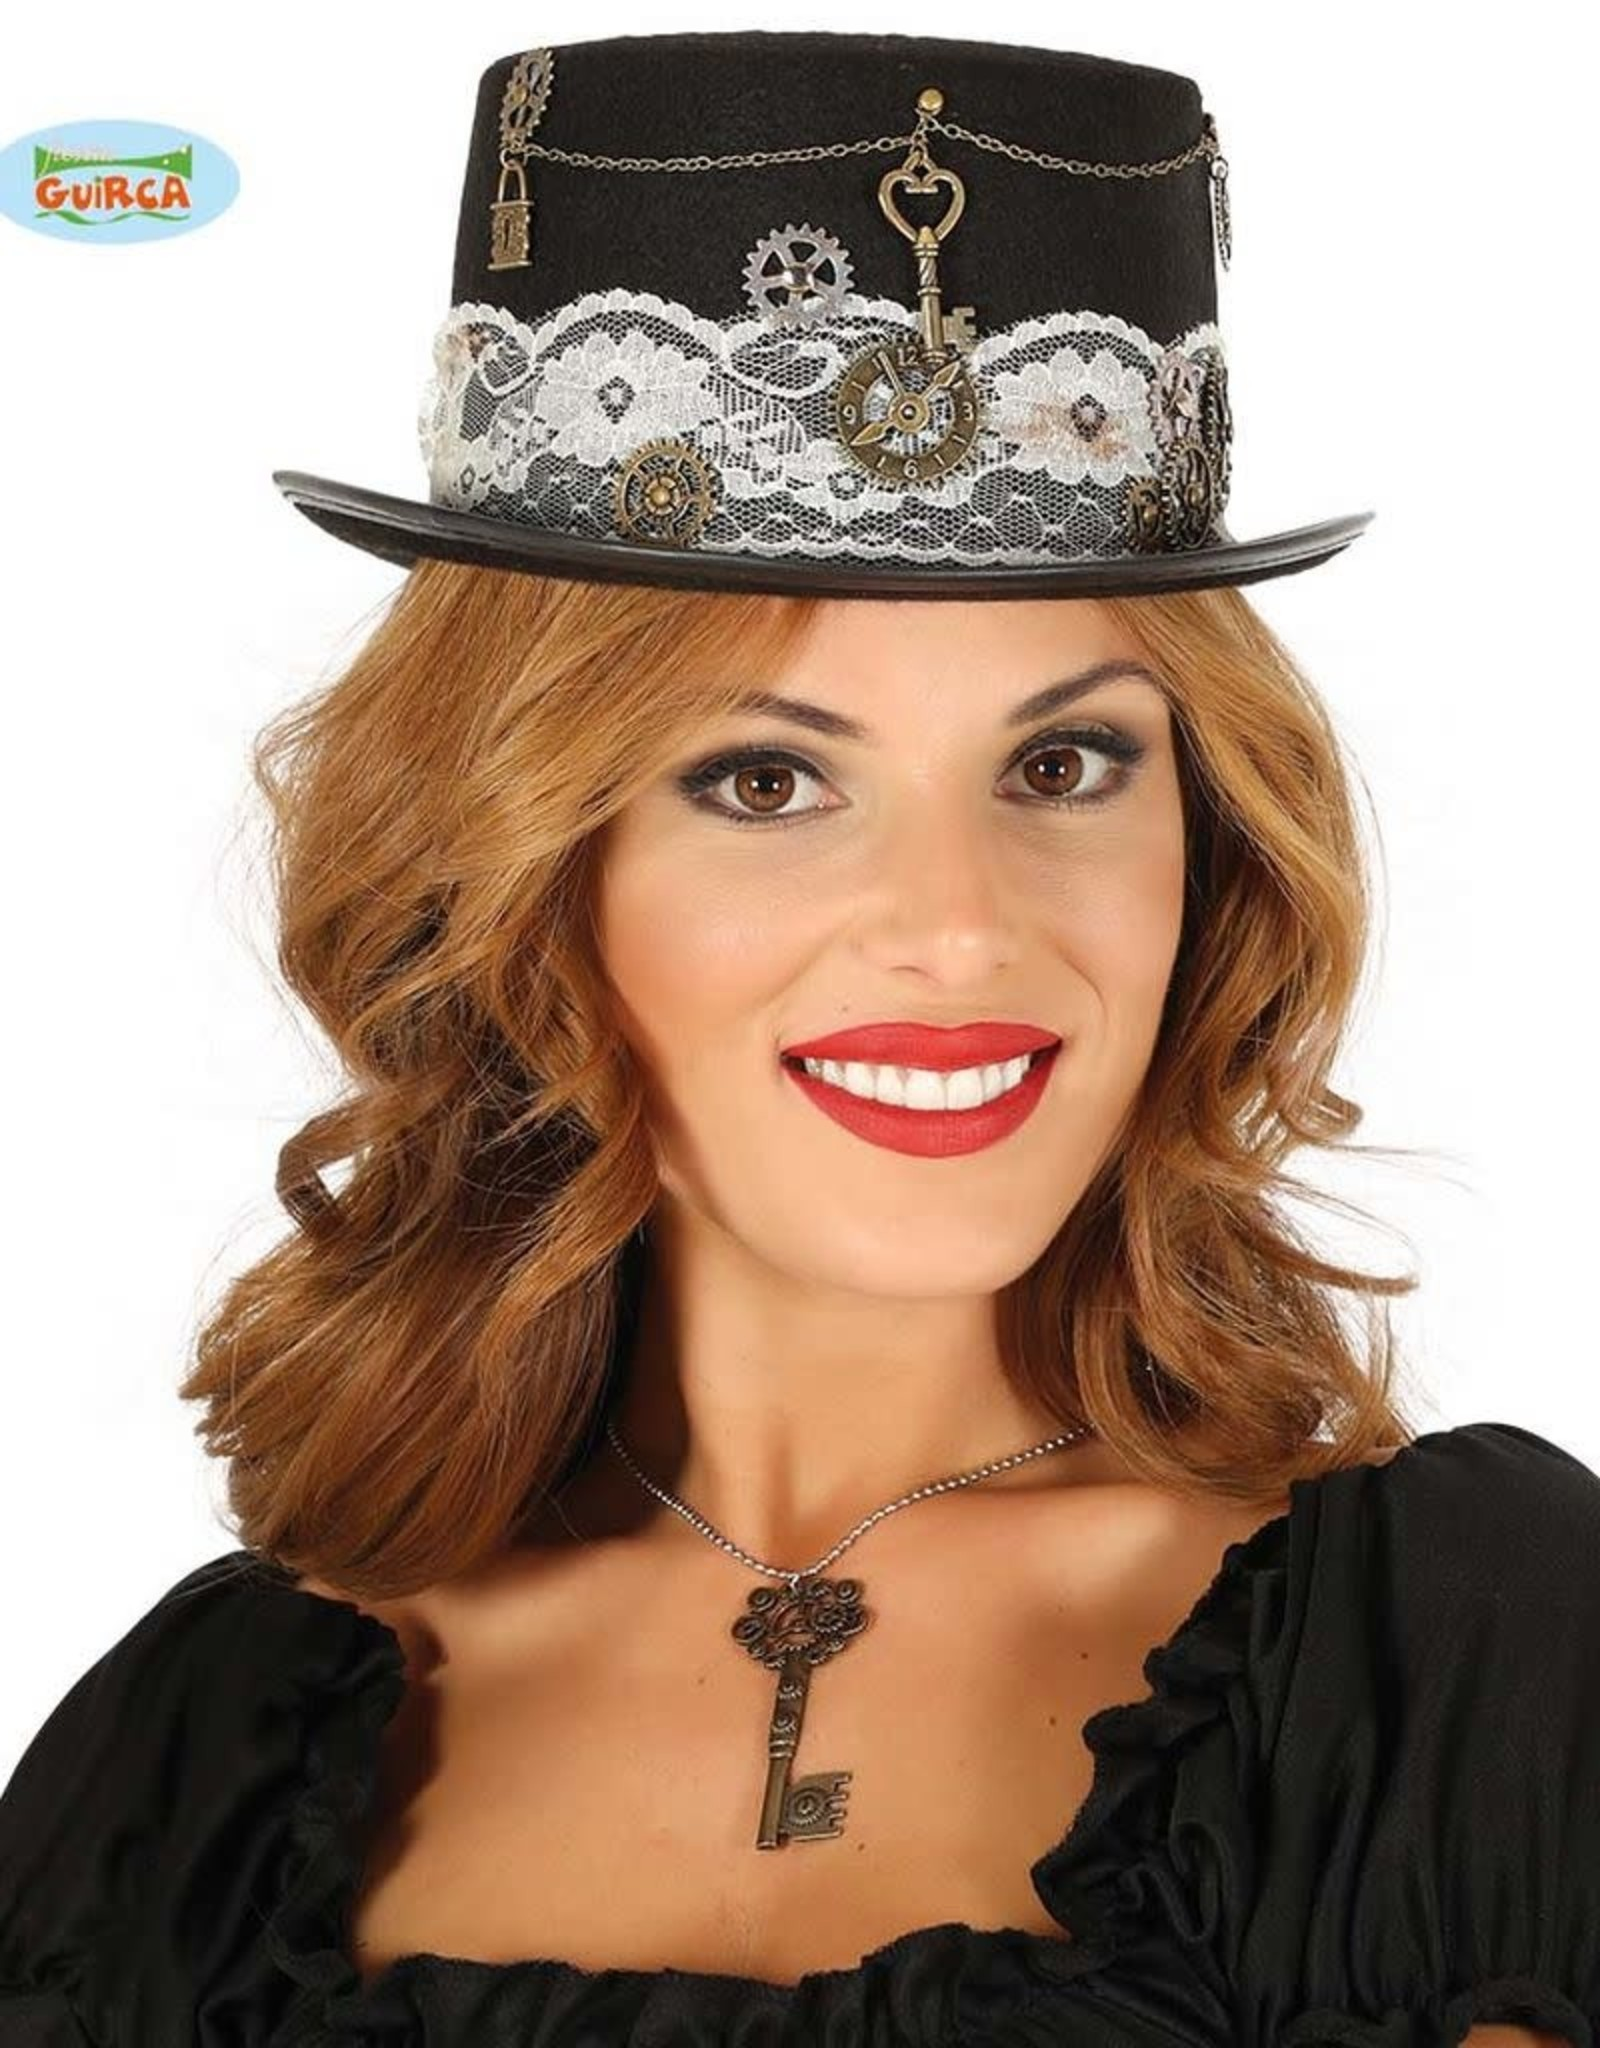 FIESTAS GUIRCA hoge hoed steam punk dame